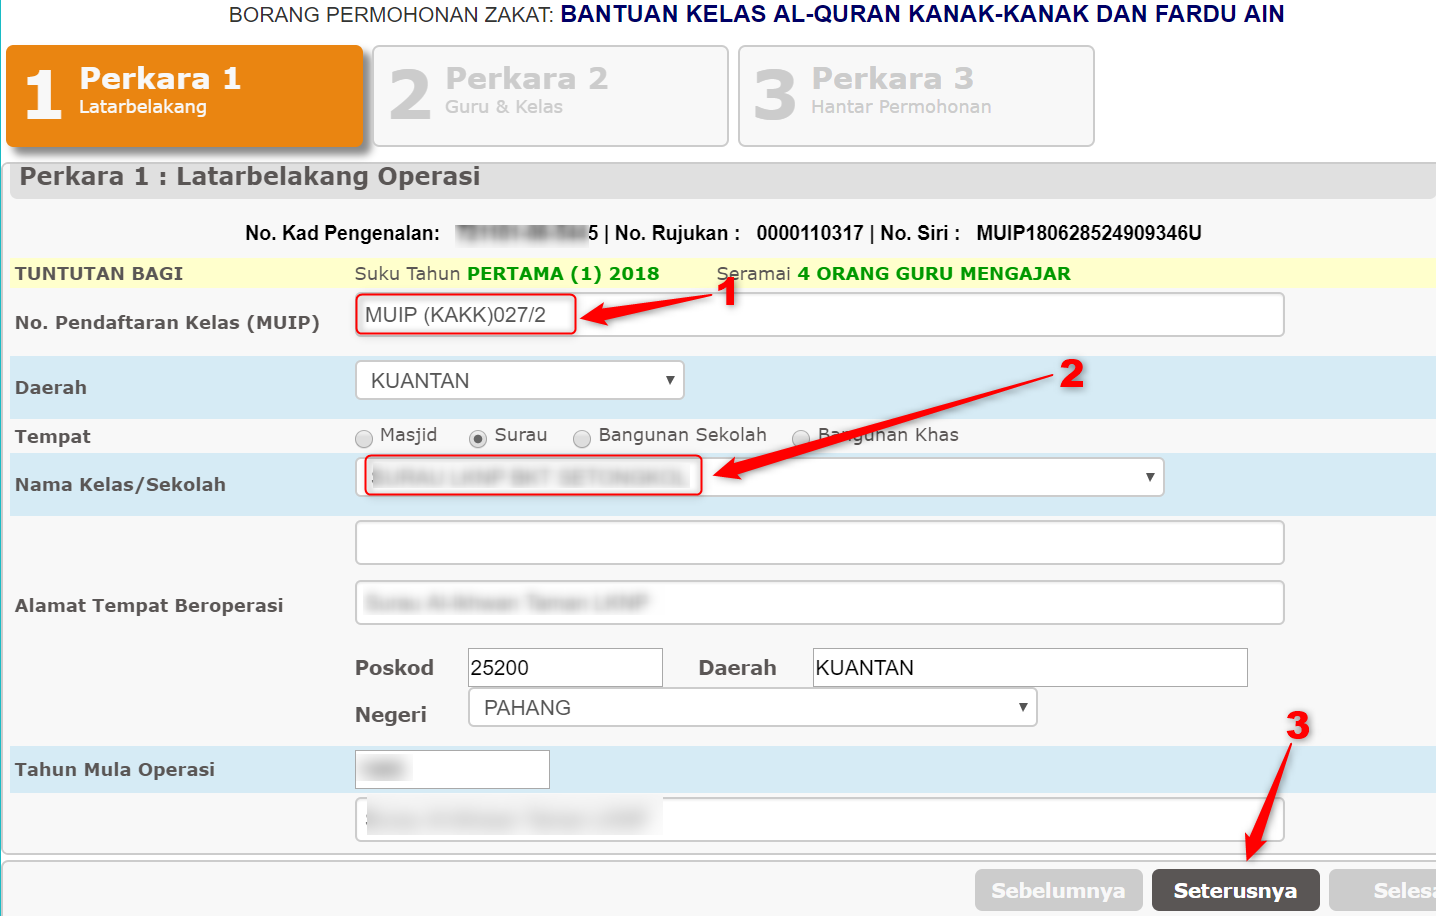 Panduan Daftar Online Sistem Tuntutan Bantuan Muip Bagi Kelas Kafa Negeri Pahang Persatuan Guru Guru Sar Kafa Daerah Kuantan